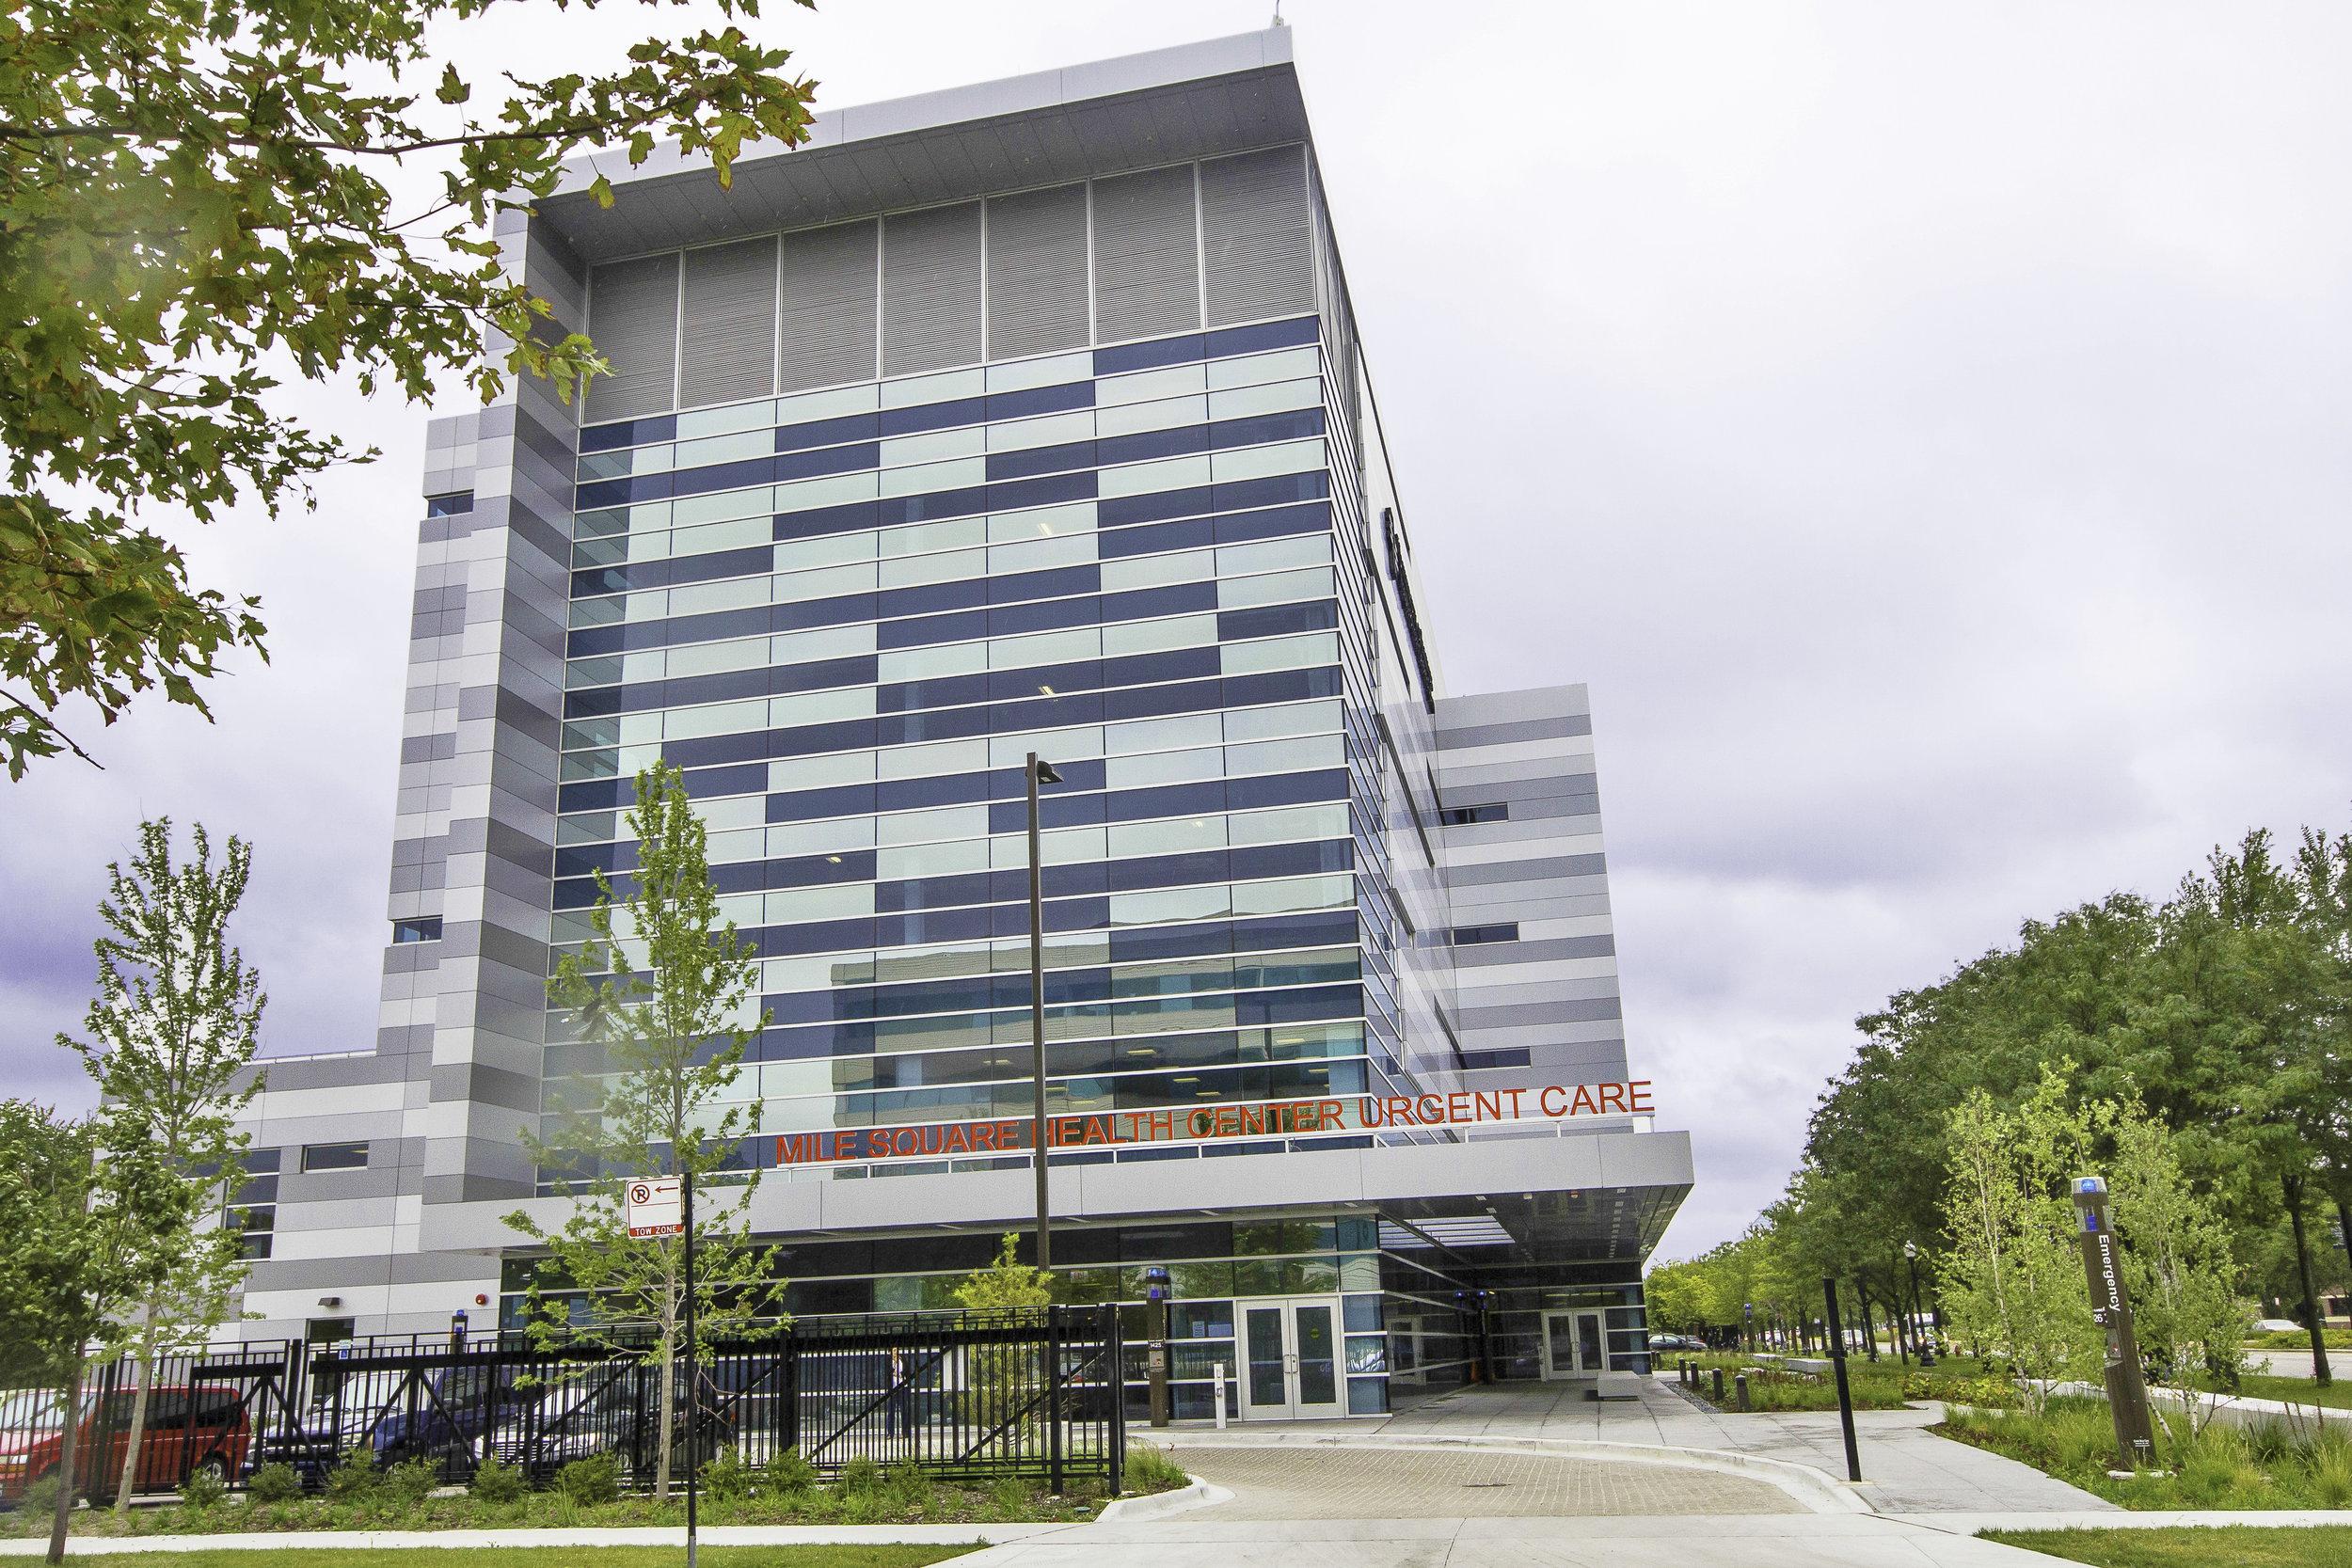 Mile Square Health Care Center   Chicago, Illinois